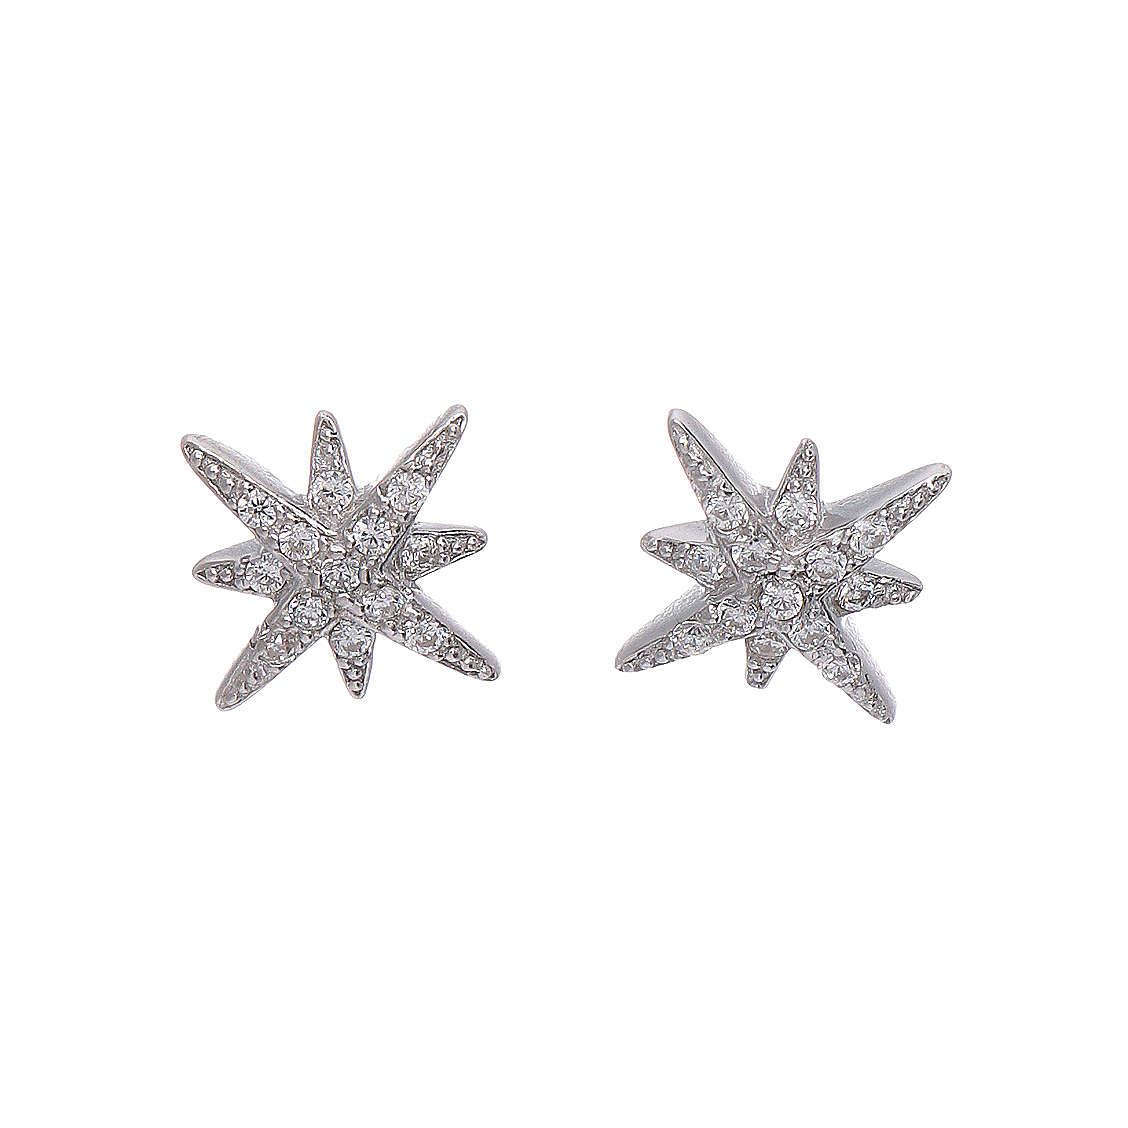 Orecchini AMEN forma Stella Ventis arG. 925 rodio e zirconi bianchi 4